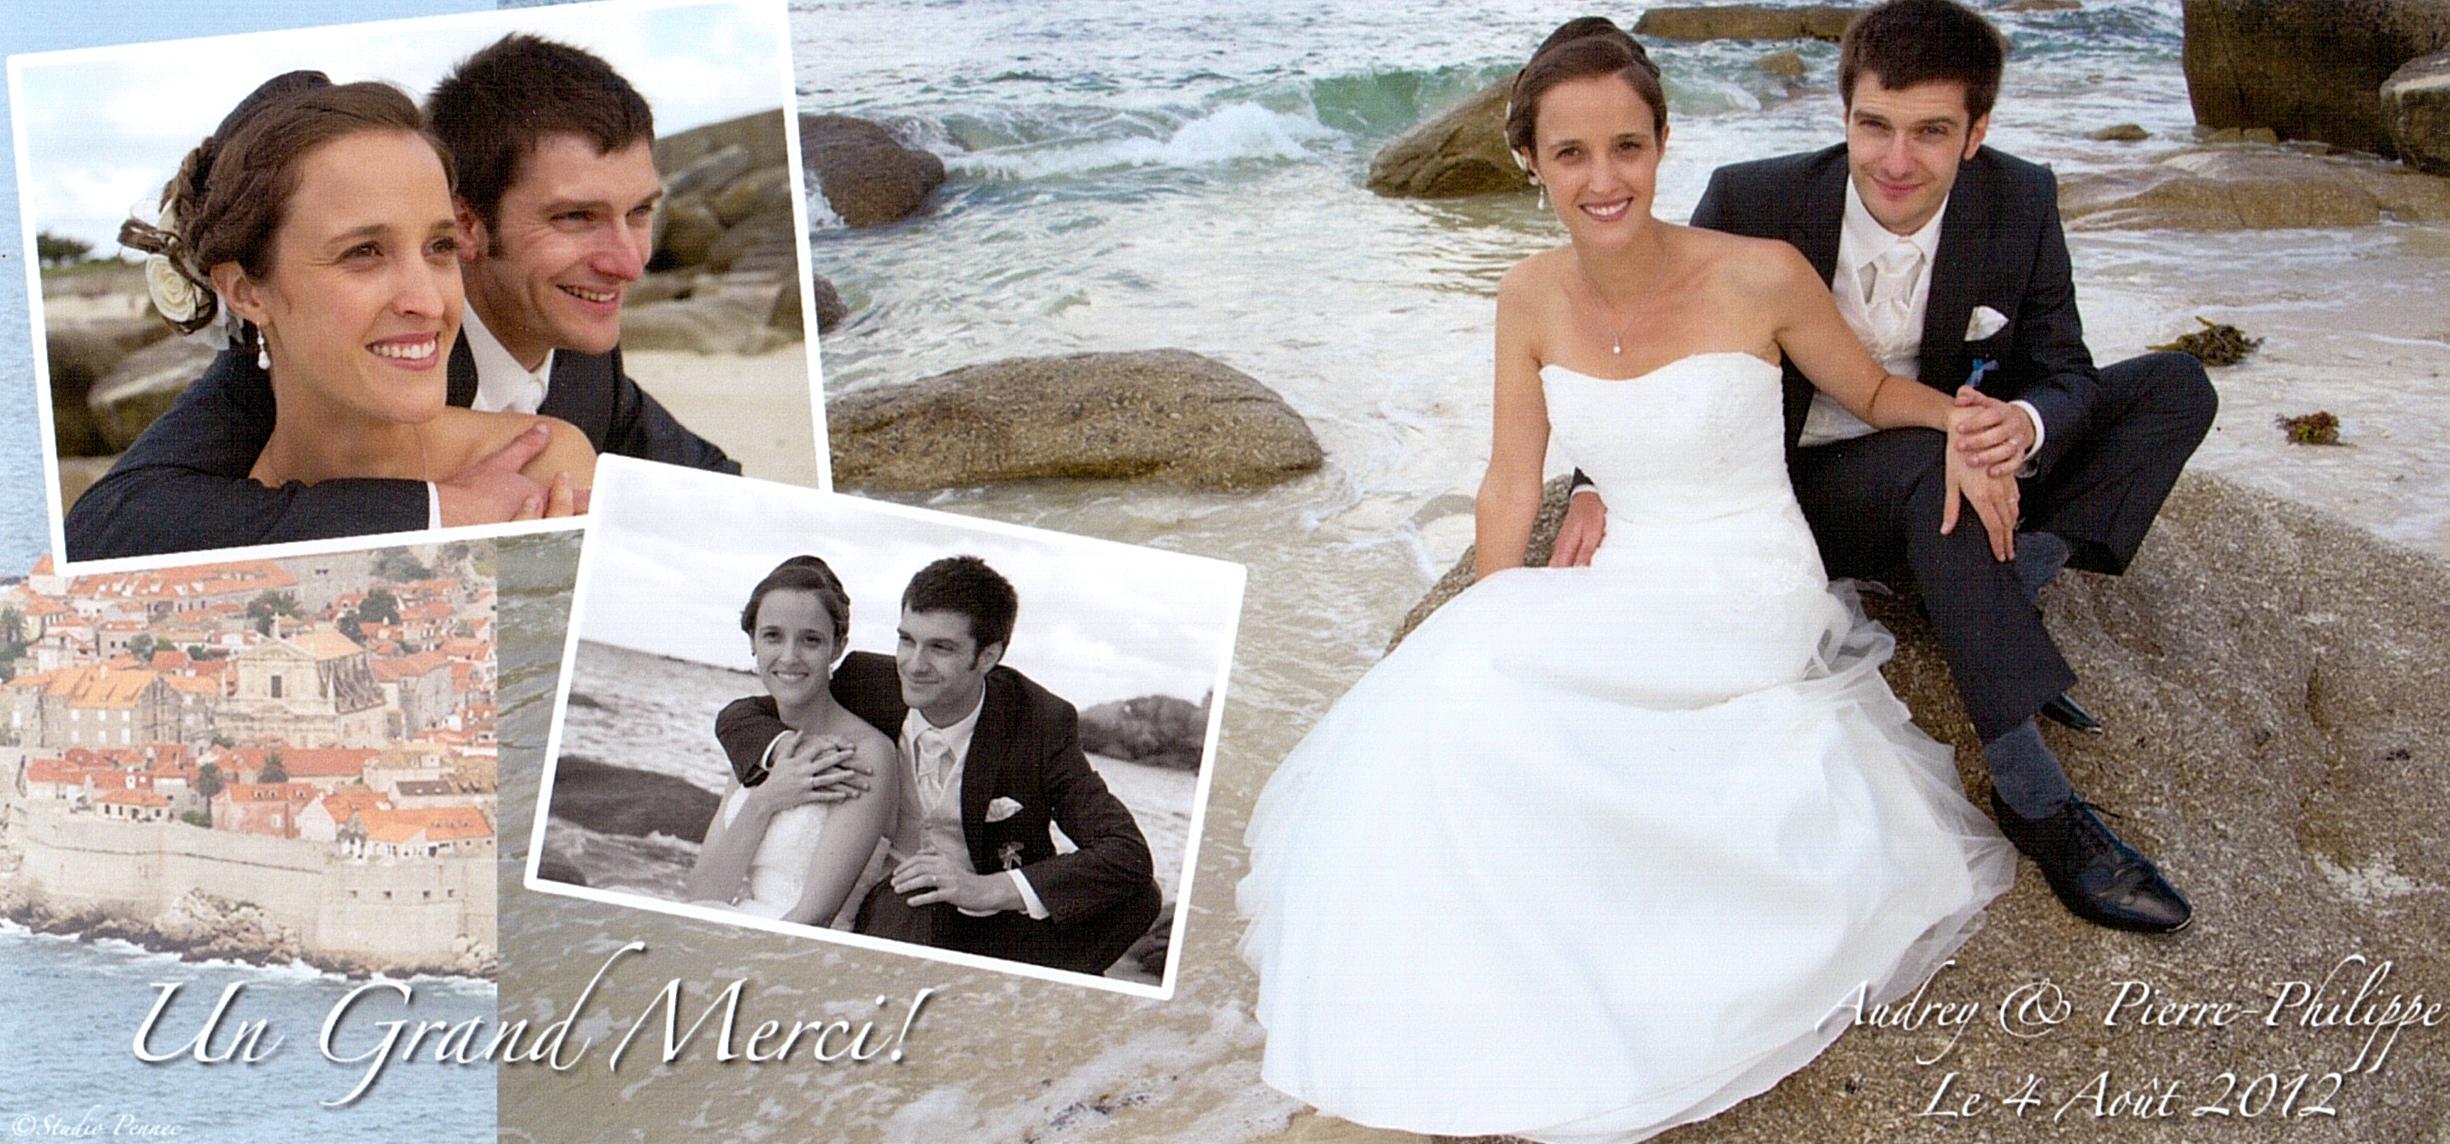 Mariage d'Audrey et Pierre-Philippe